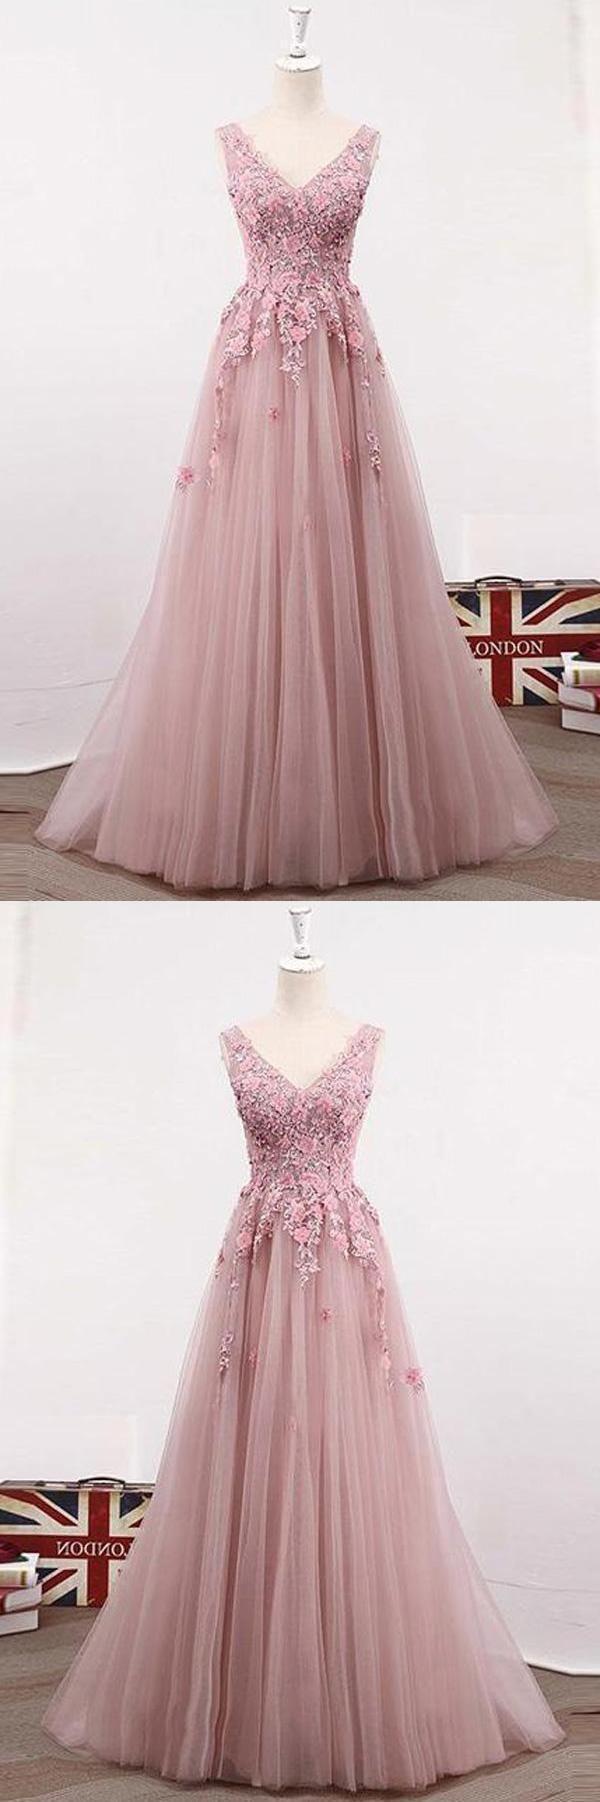 Cheap light blush prom dresses prom dresses lace pink prom dresses